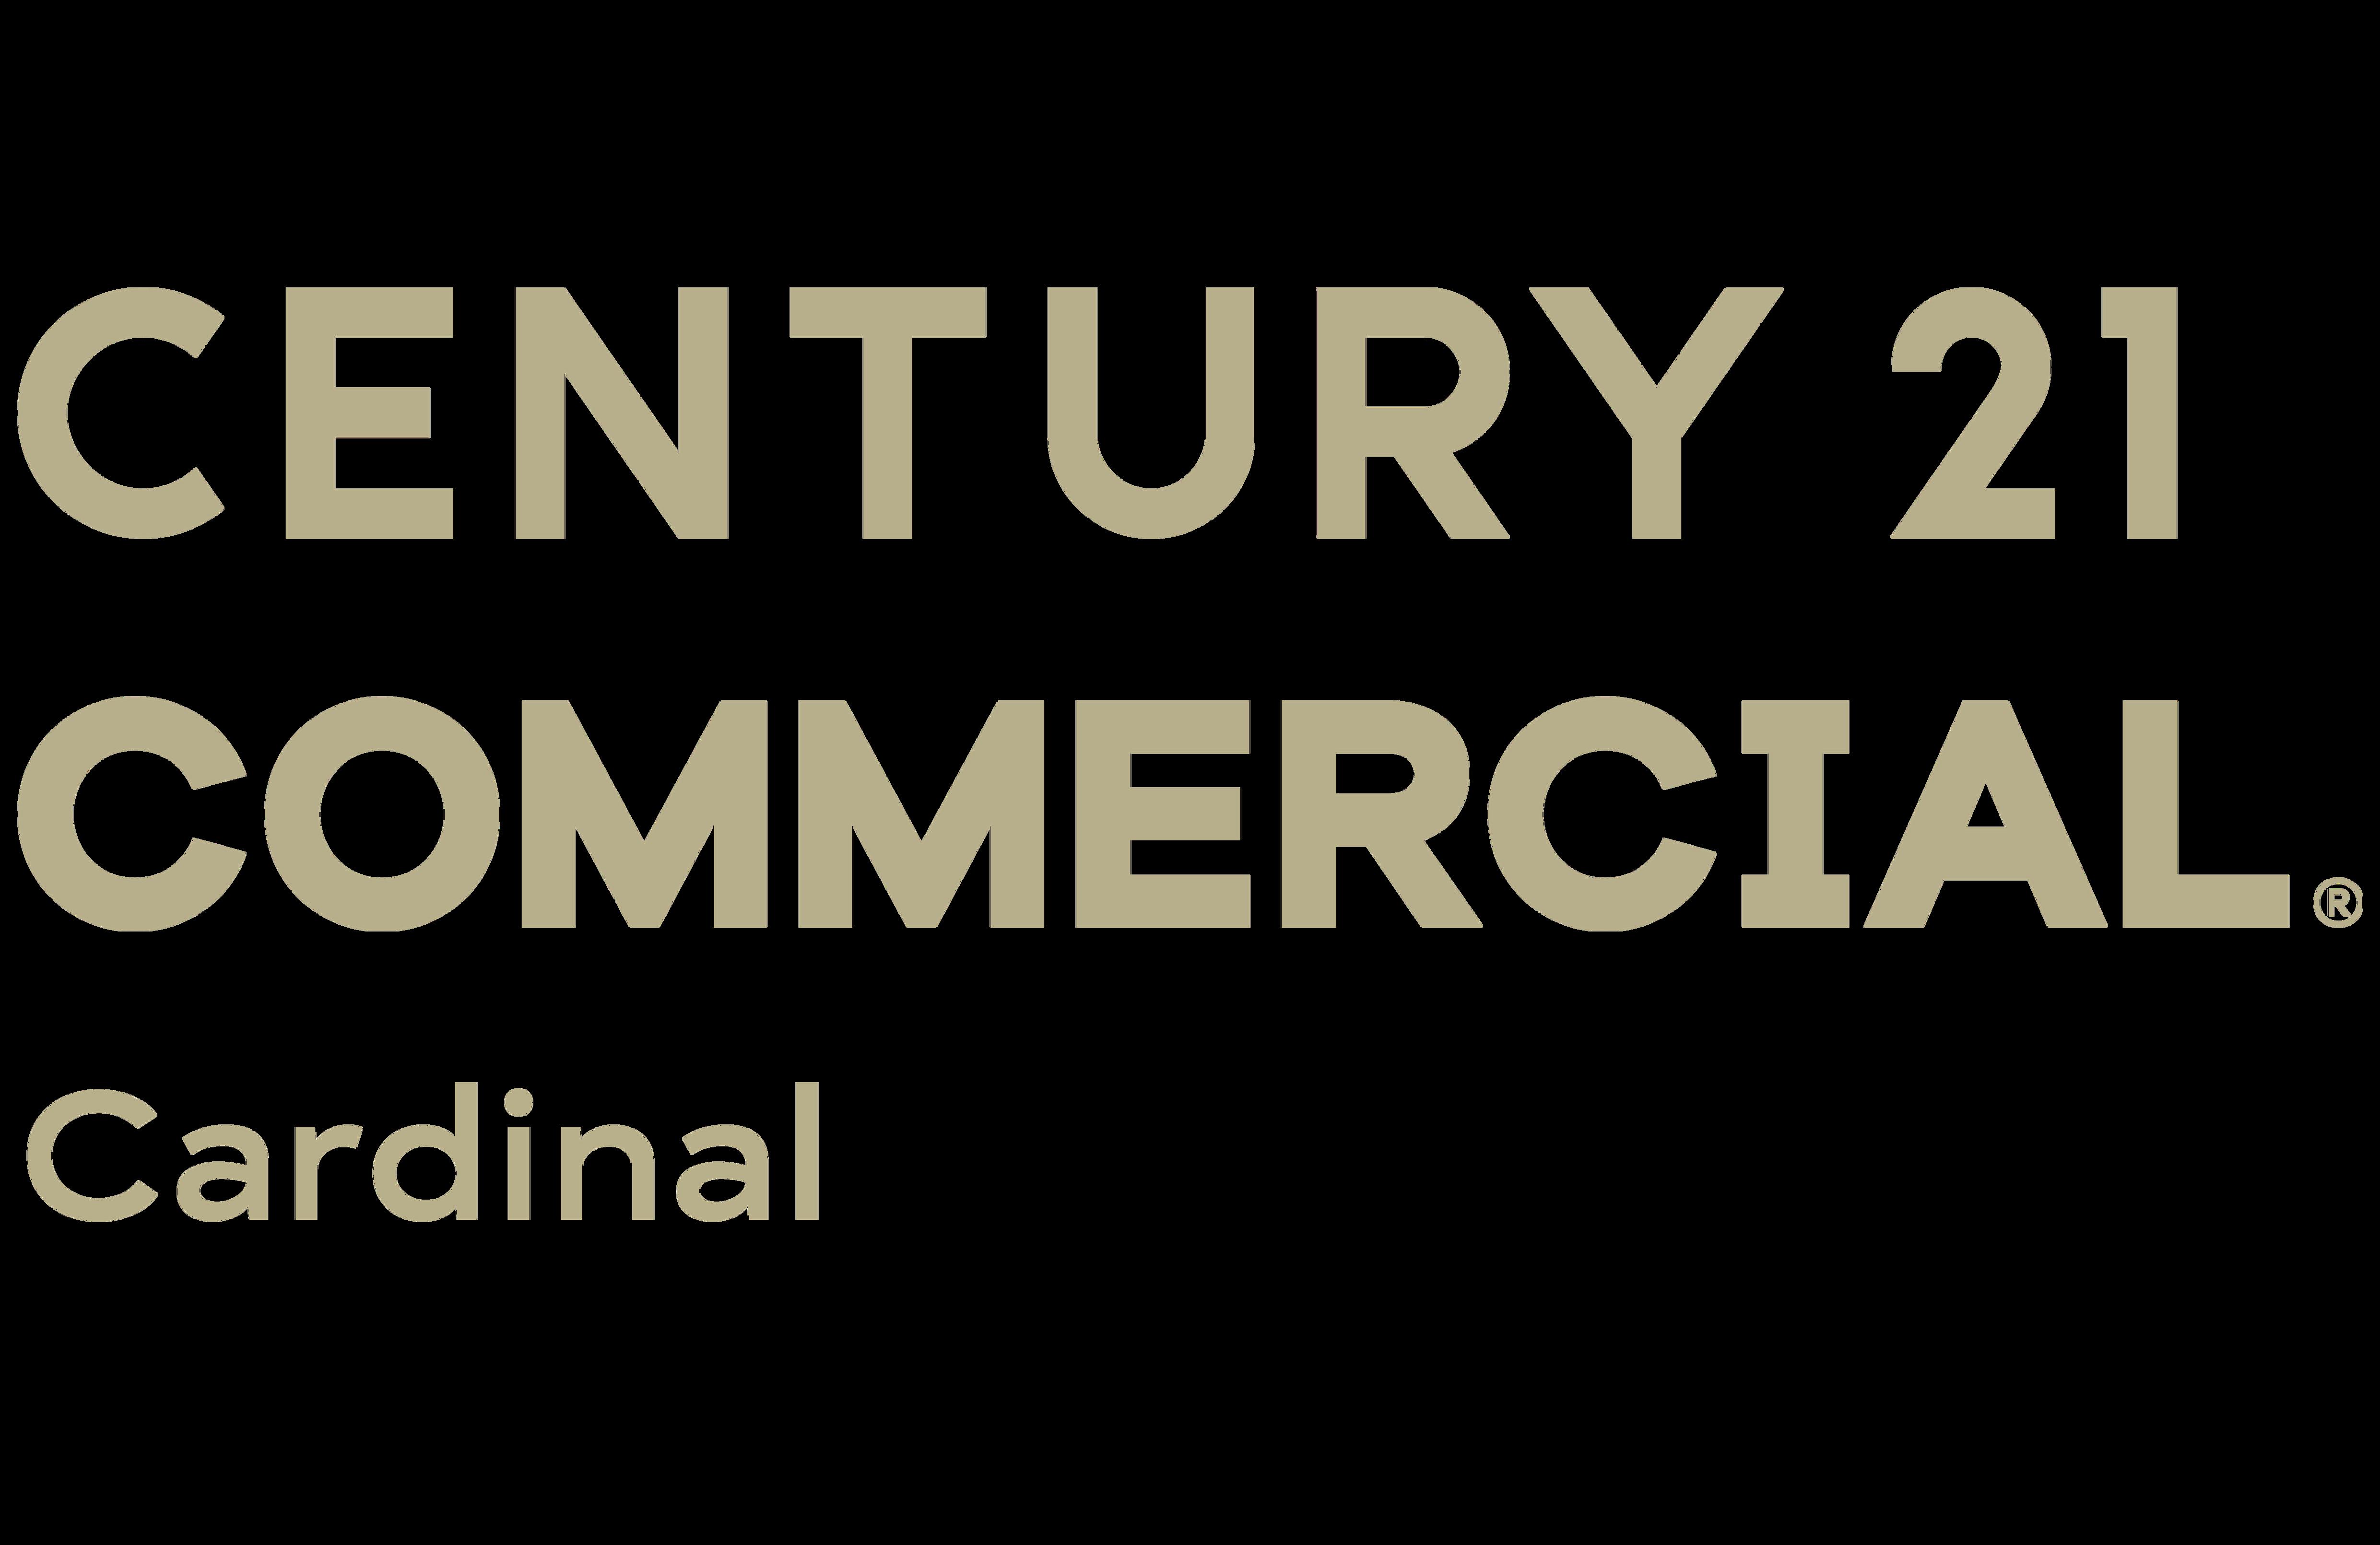 CENTURY 21 Cardinal